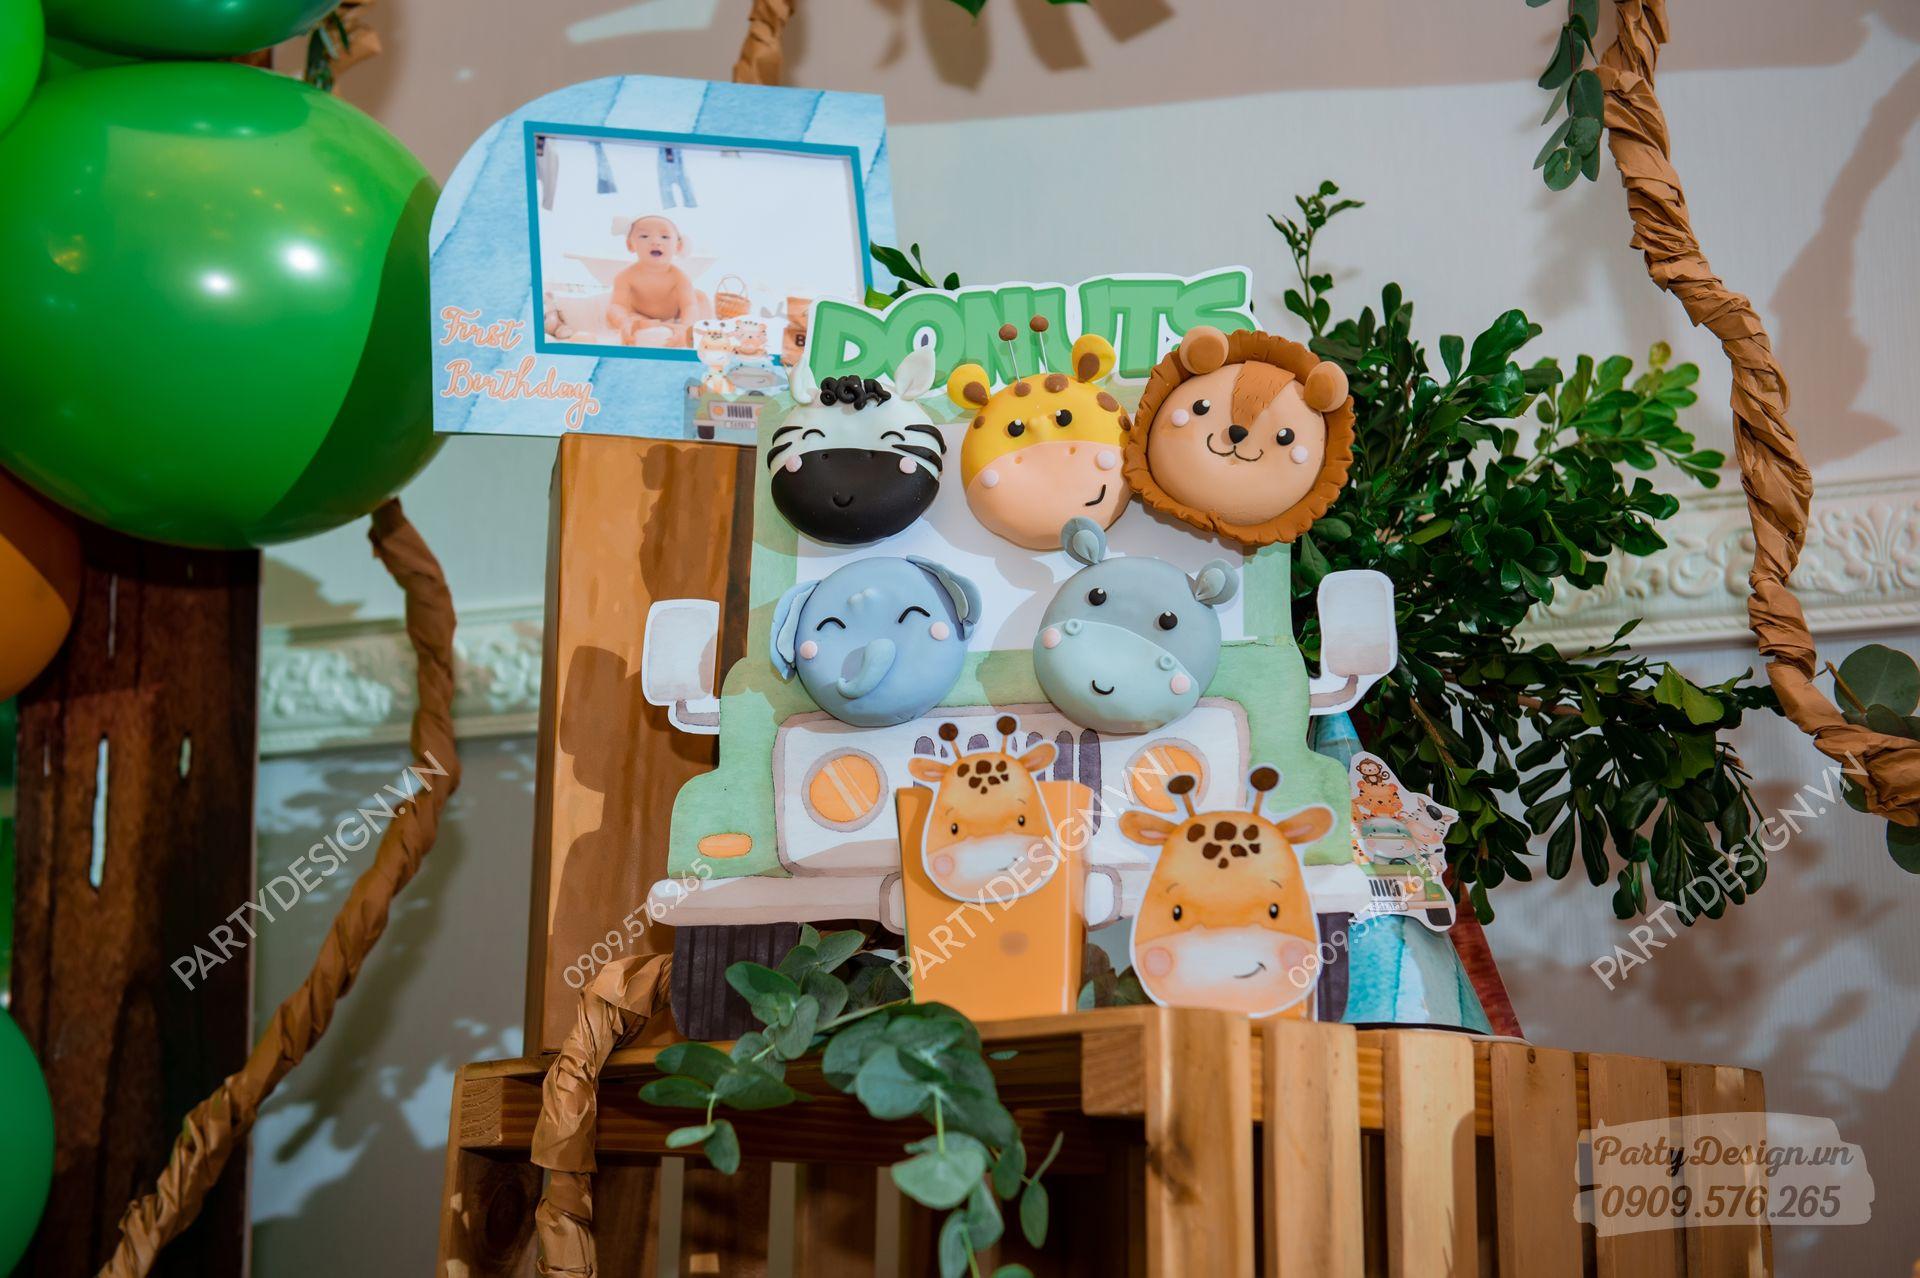 Bánh Cookie trang trí sinh nhật chủ đề Safari Rừng Xanh - bé Beckham